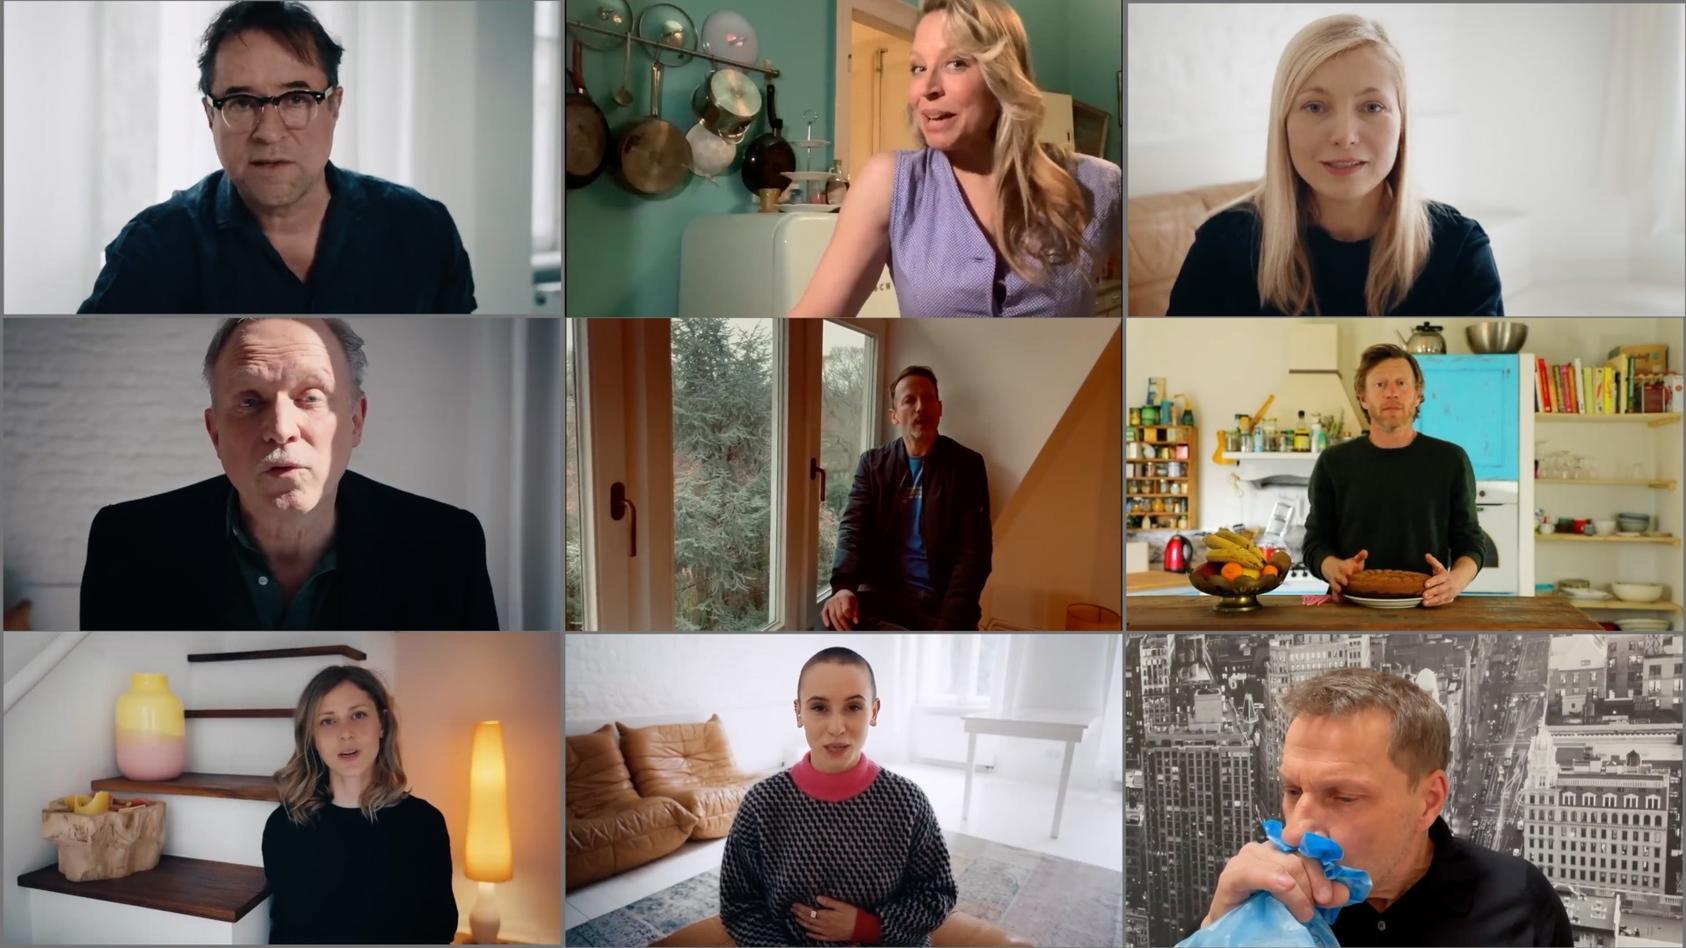 Internetaktion #allesdichtmachen: Mittlerweile rudern viele der Schauspieler zurück.